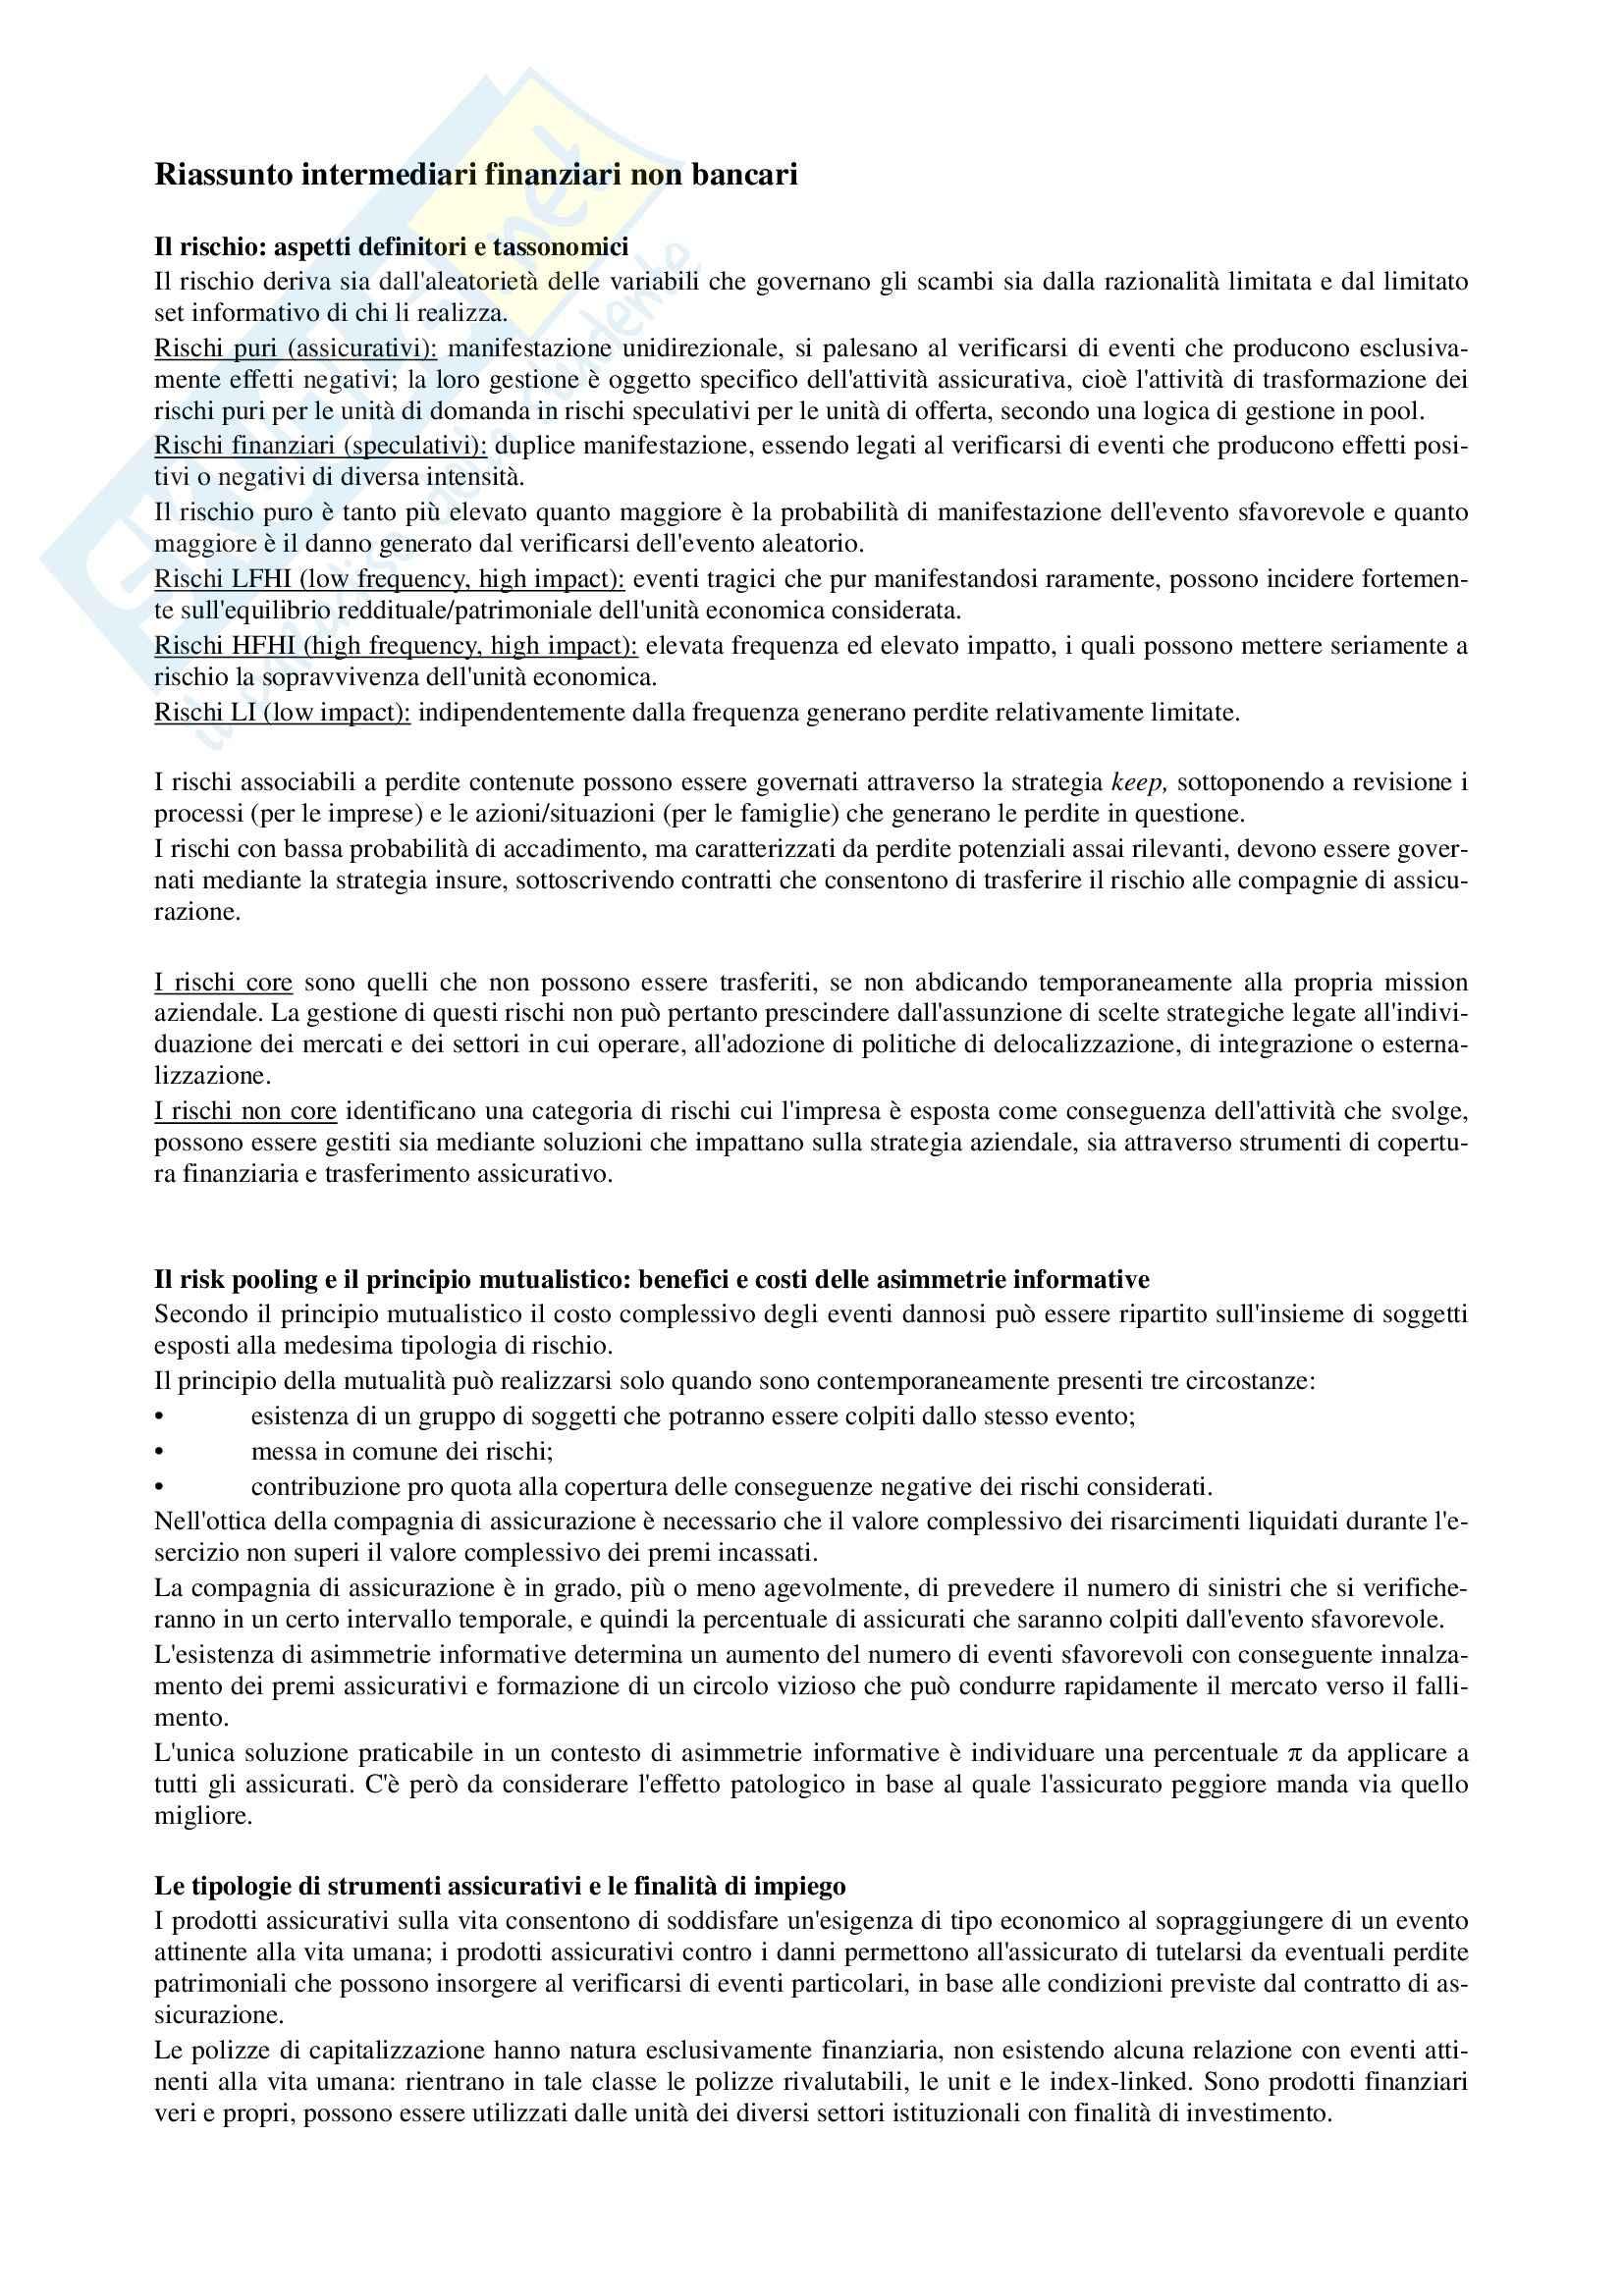 Intermediari finanziari non bancari - Appunti